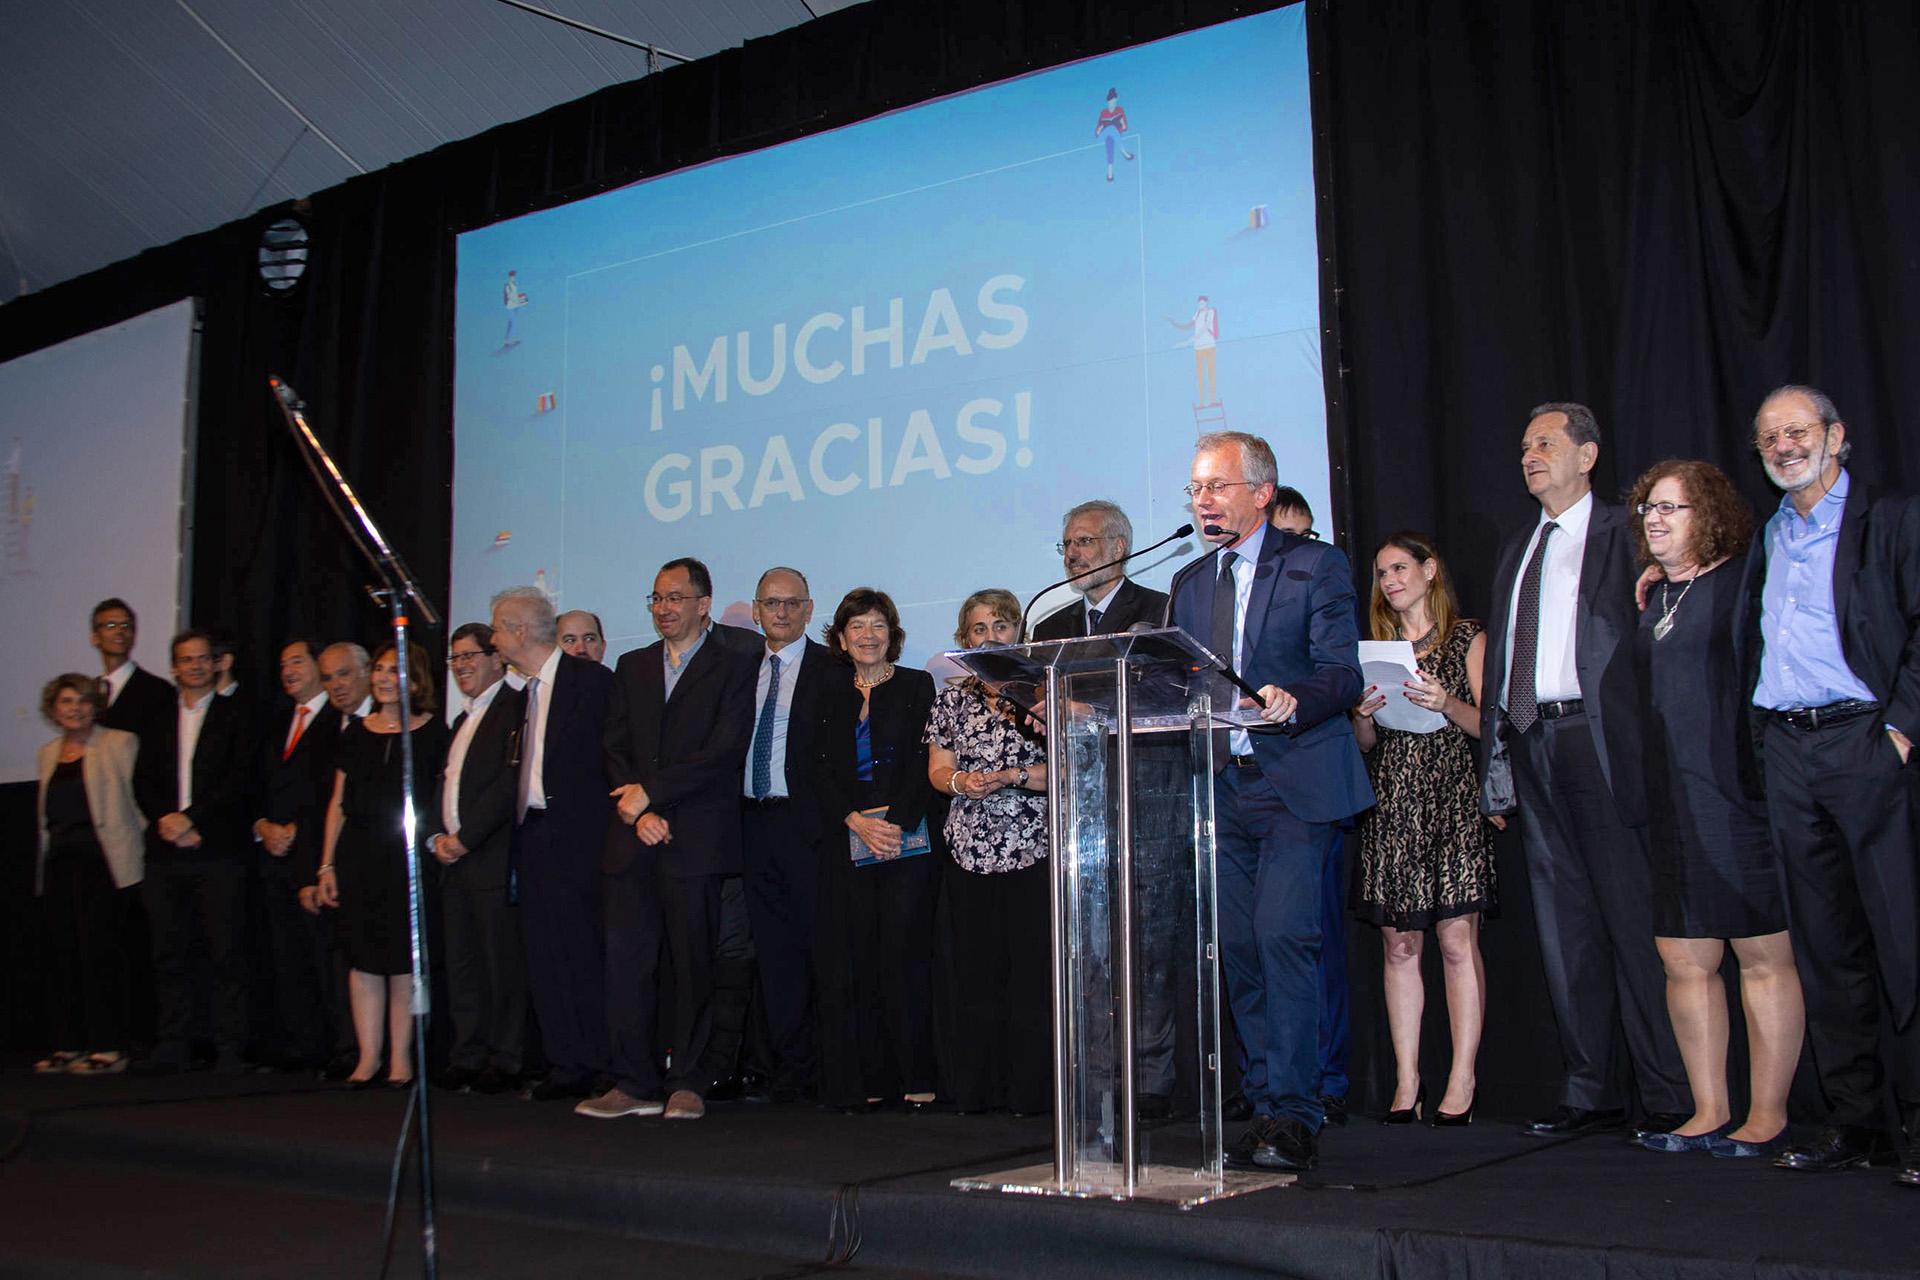 El saliente rector de la Universidad Torcuato Di Tella, Ernesto Schargrodsky, brindó un discurso